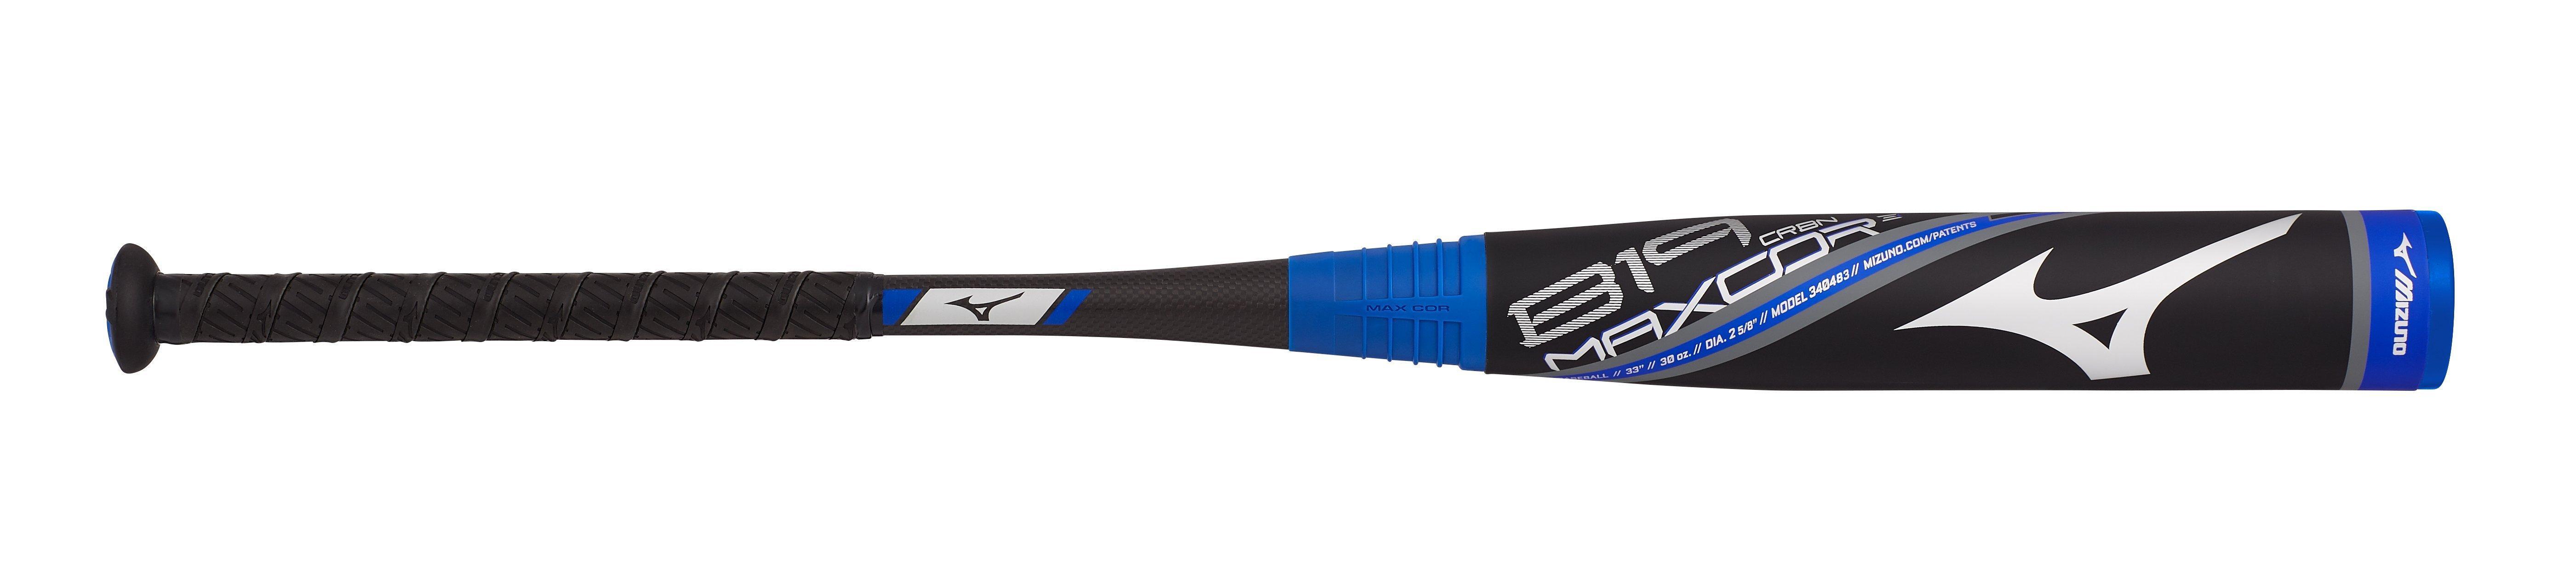 a9371f5169b3 Mizuno: Mizuno B19-Maxcor-Crbn - Big Barrel Youth Usa Baseball Bat ...